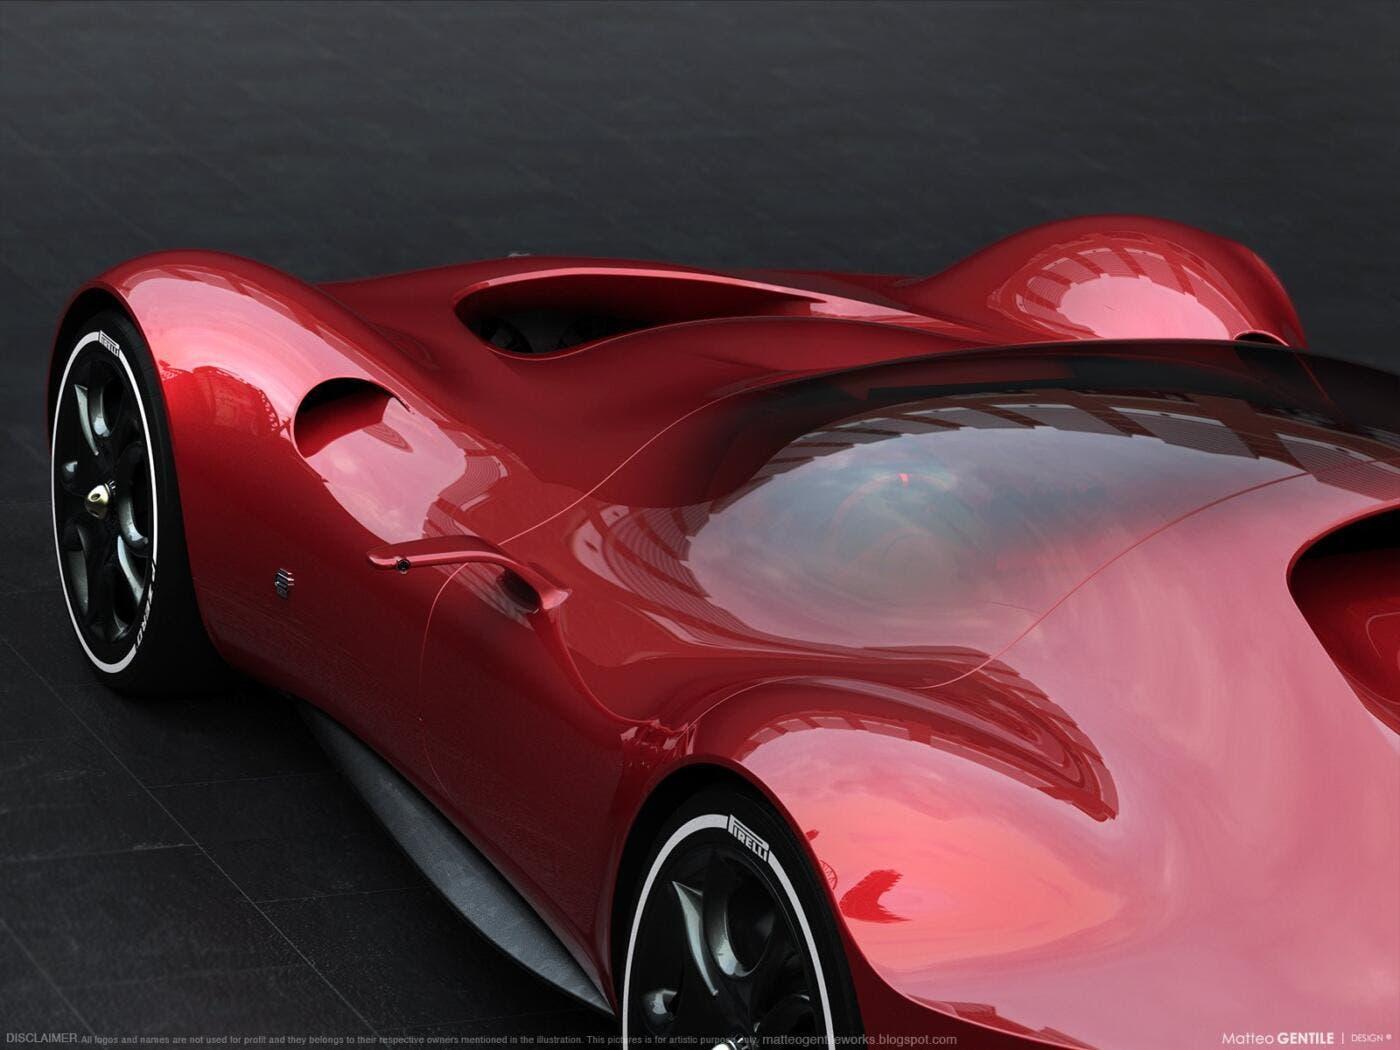 Alfa Romeo Gtl Evo concept Supercar render